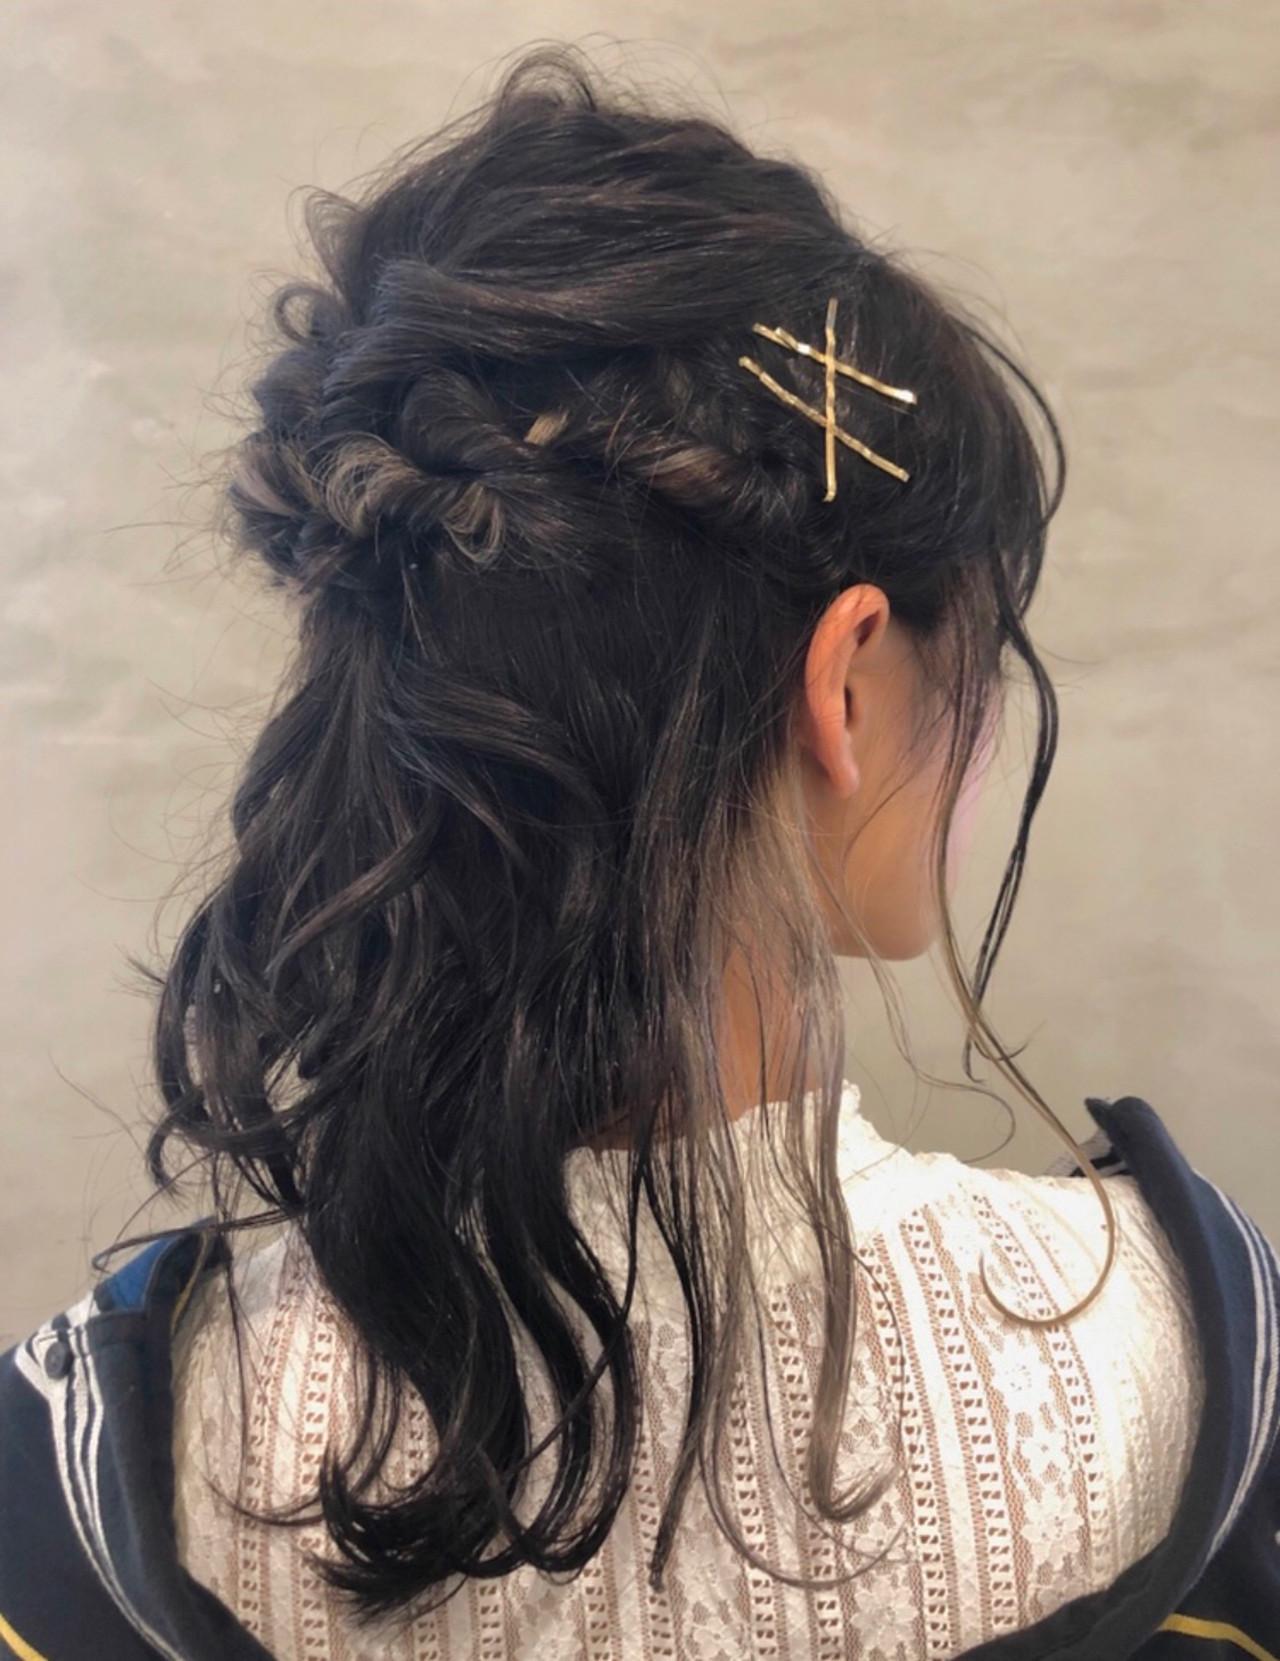 ミディアム インナーカラーグレー ナチュラル インナーカラーシルバー ヘアスタイルや髪型の写真・画像